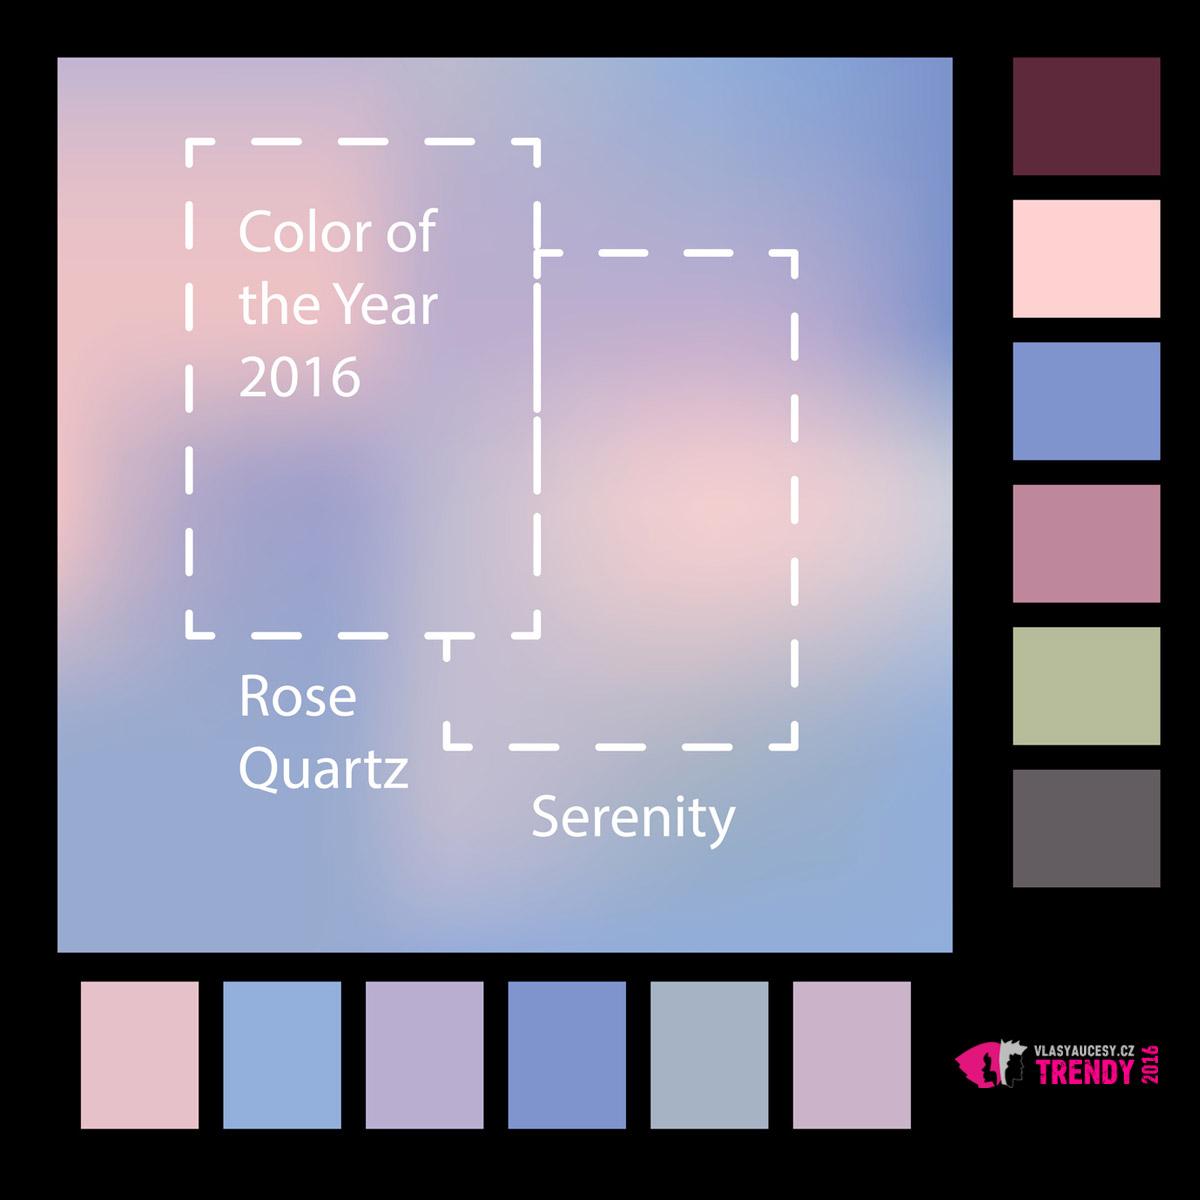 Nebojte se kombinovat barvy v účesech. Rose Quartz a Serenity si rozumí i s dalšími odstíny růžové a modré nebo s jinými barvami.